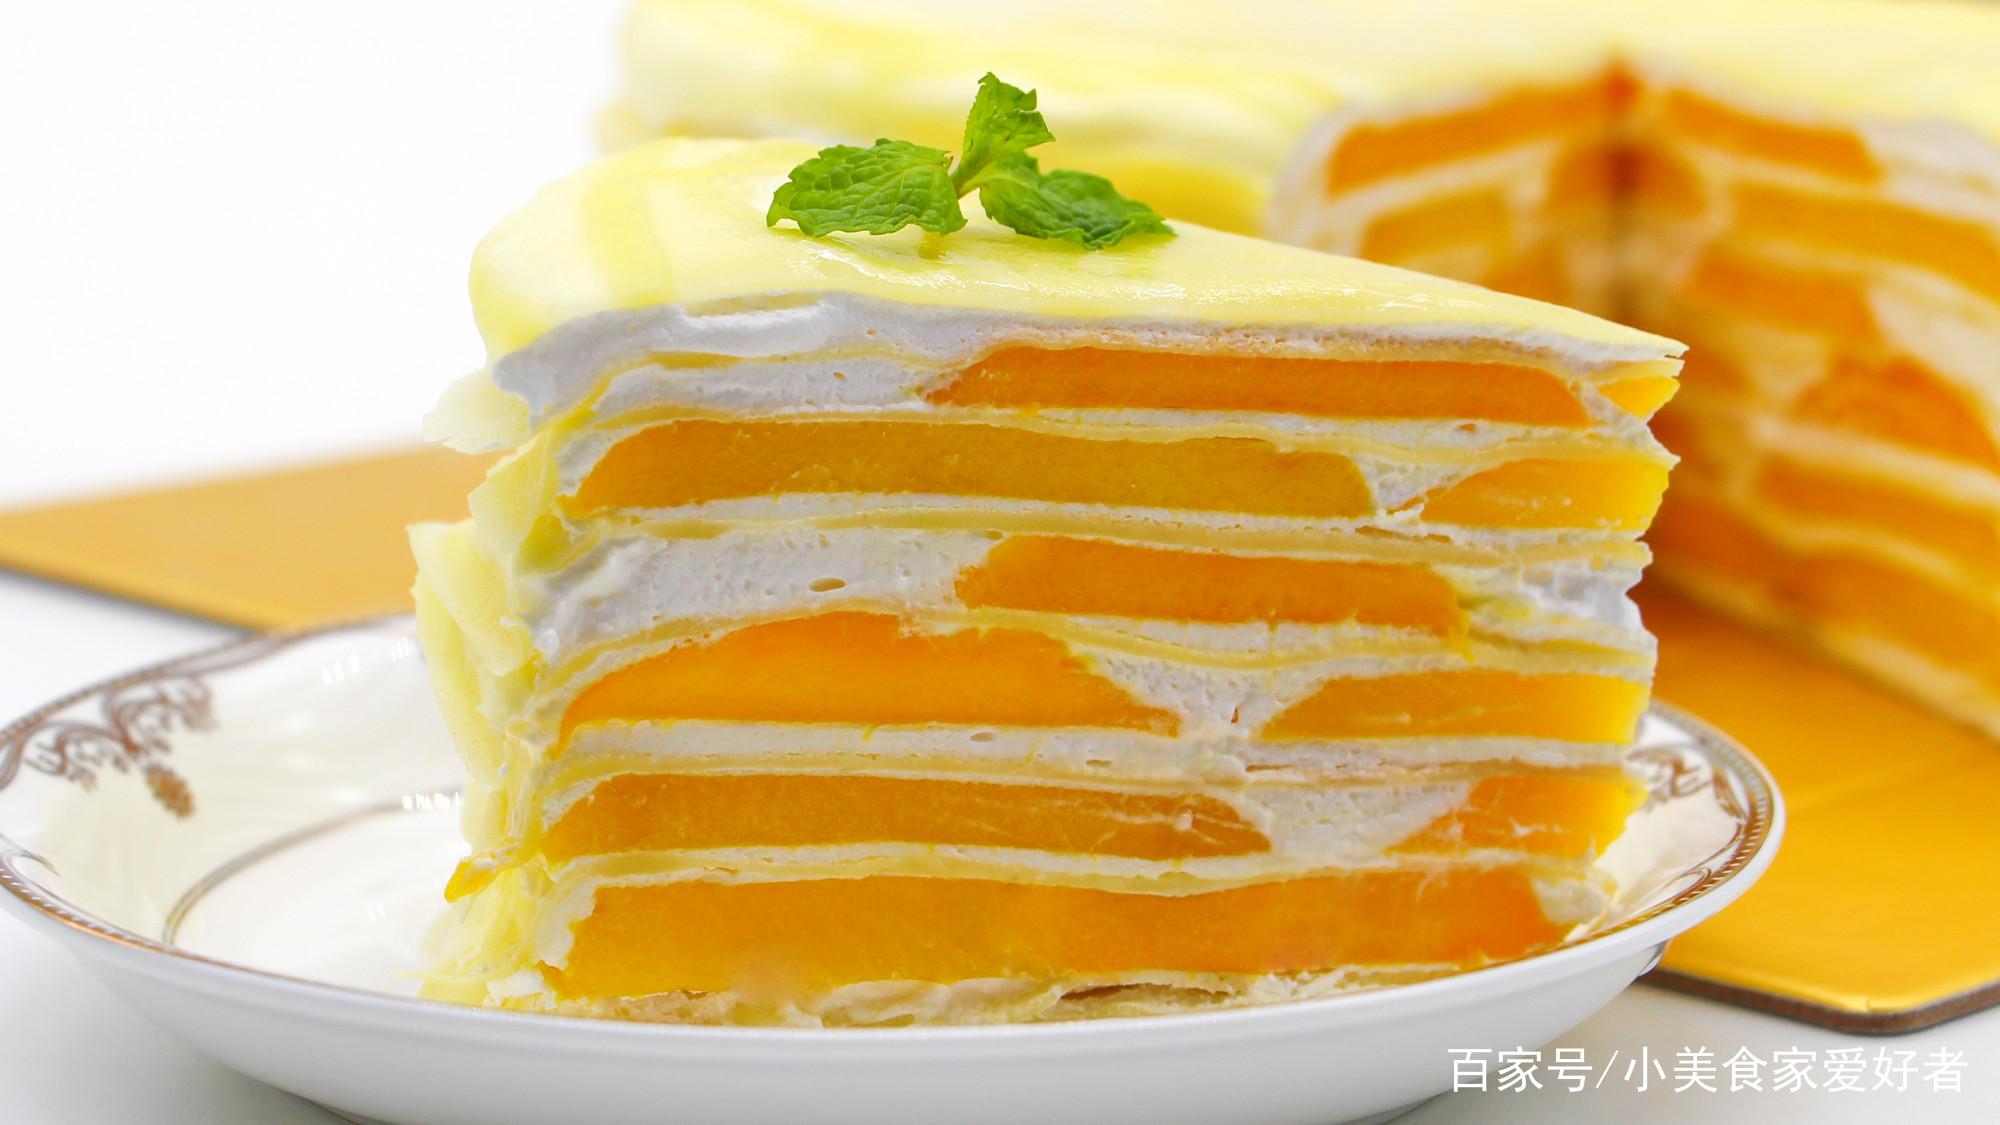 芒果千层蛋糕好看又好吃的做法